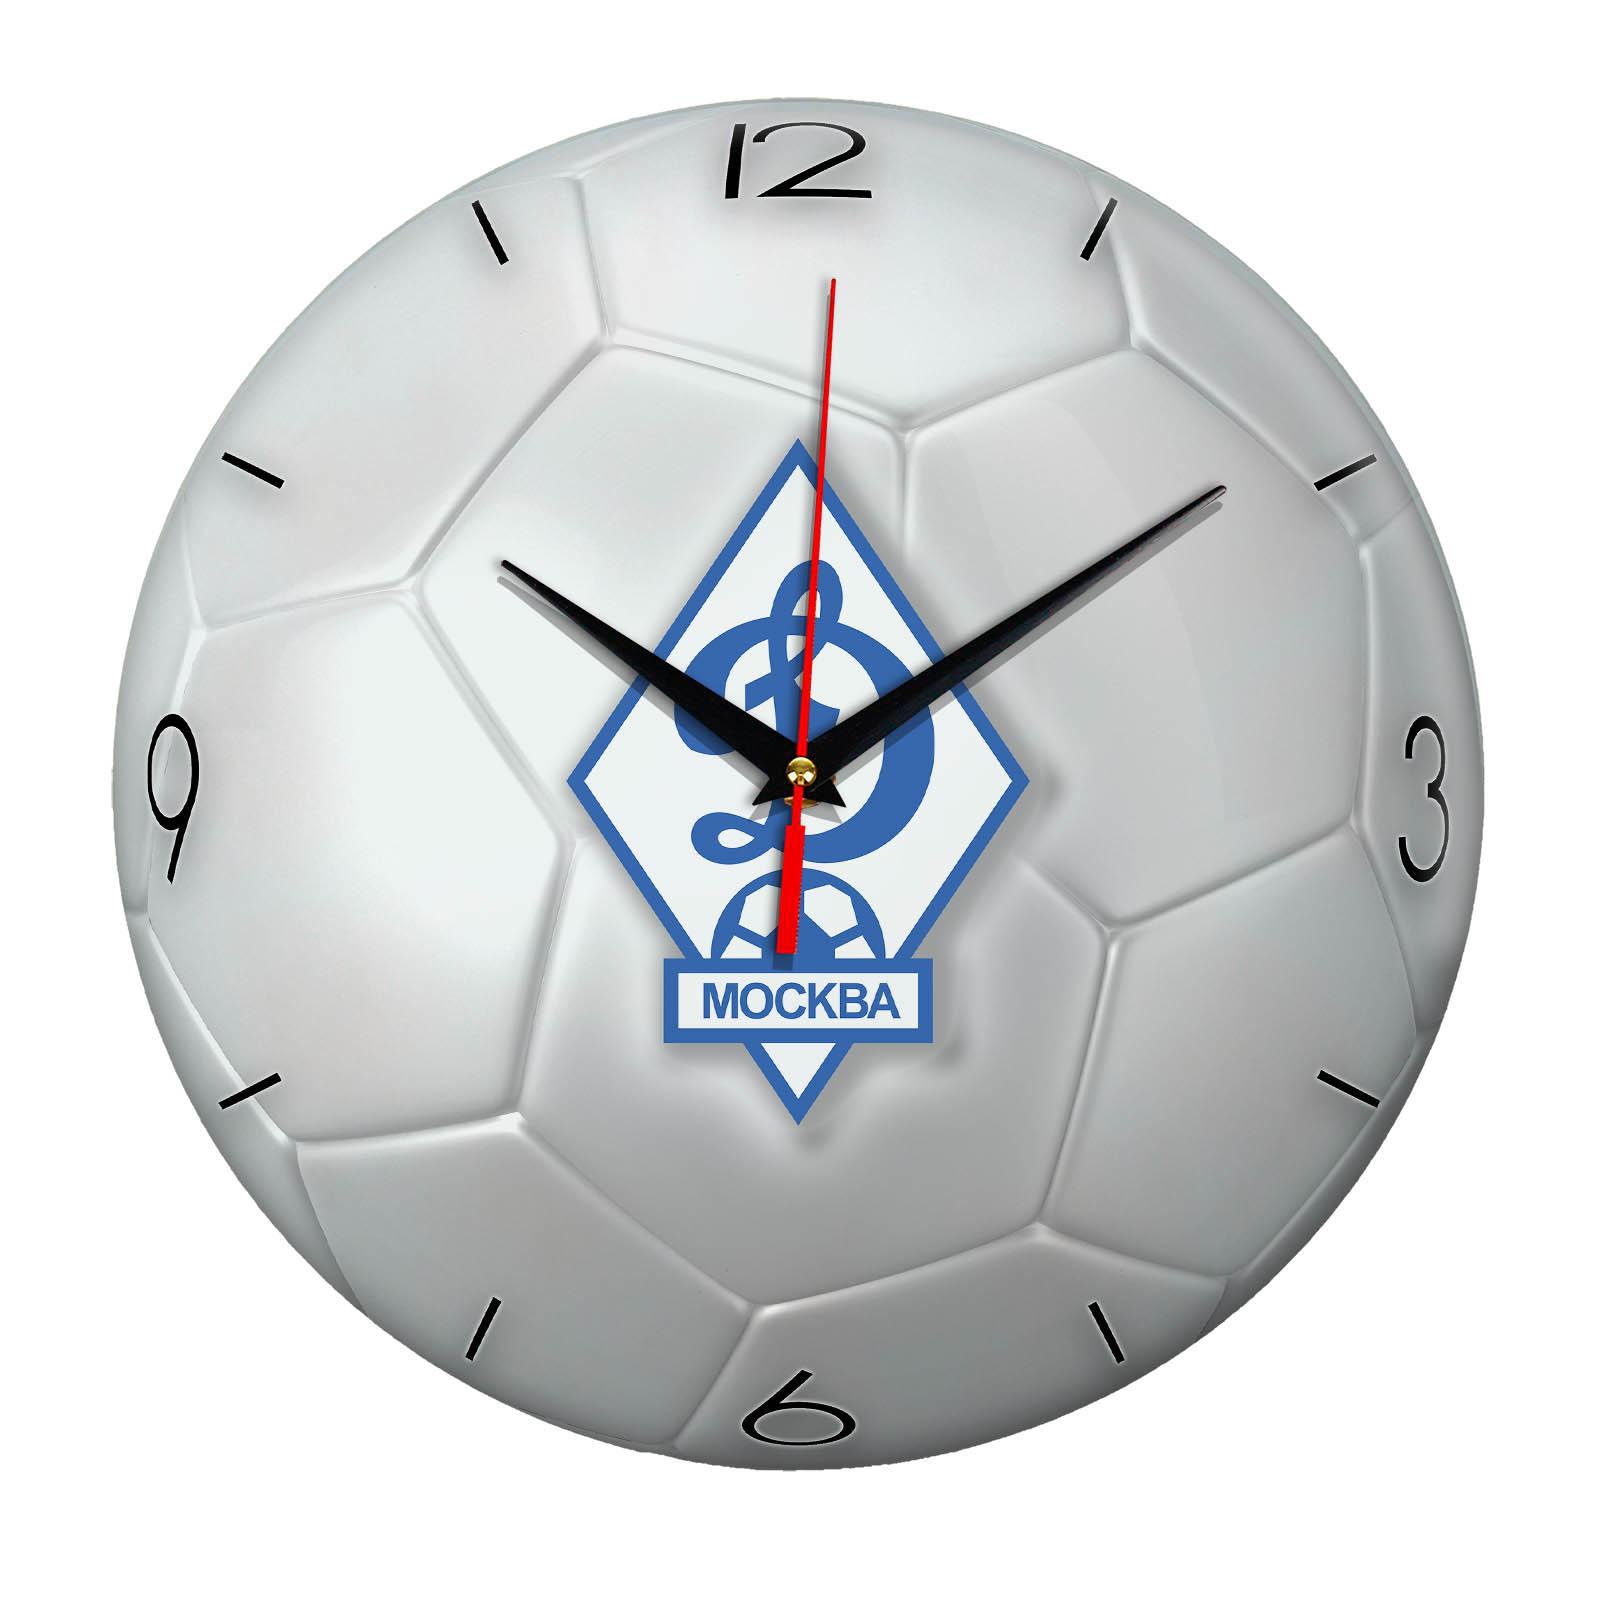 Настенные часы «Футбольный мяч DINAMO MOSKVA»